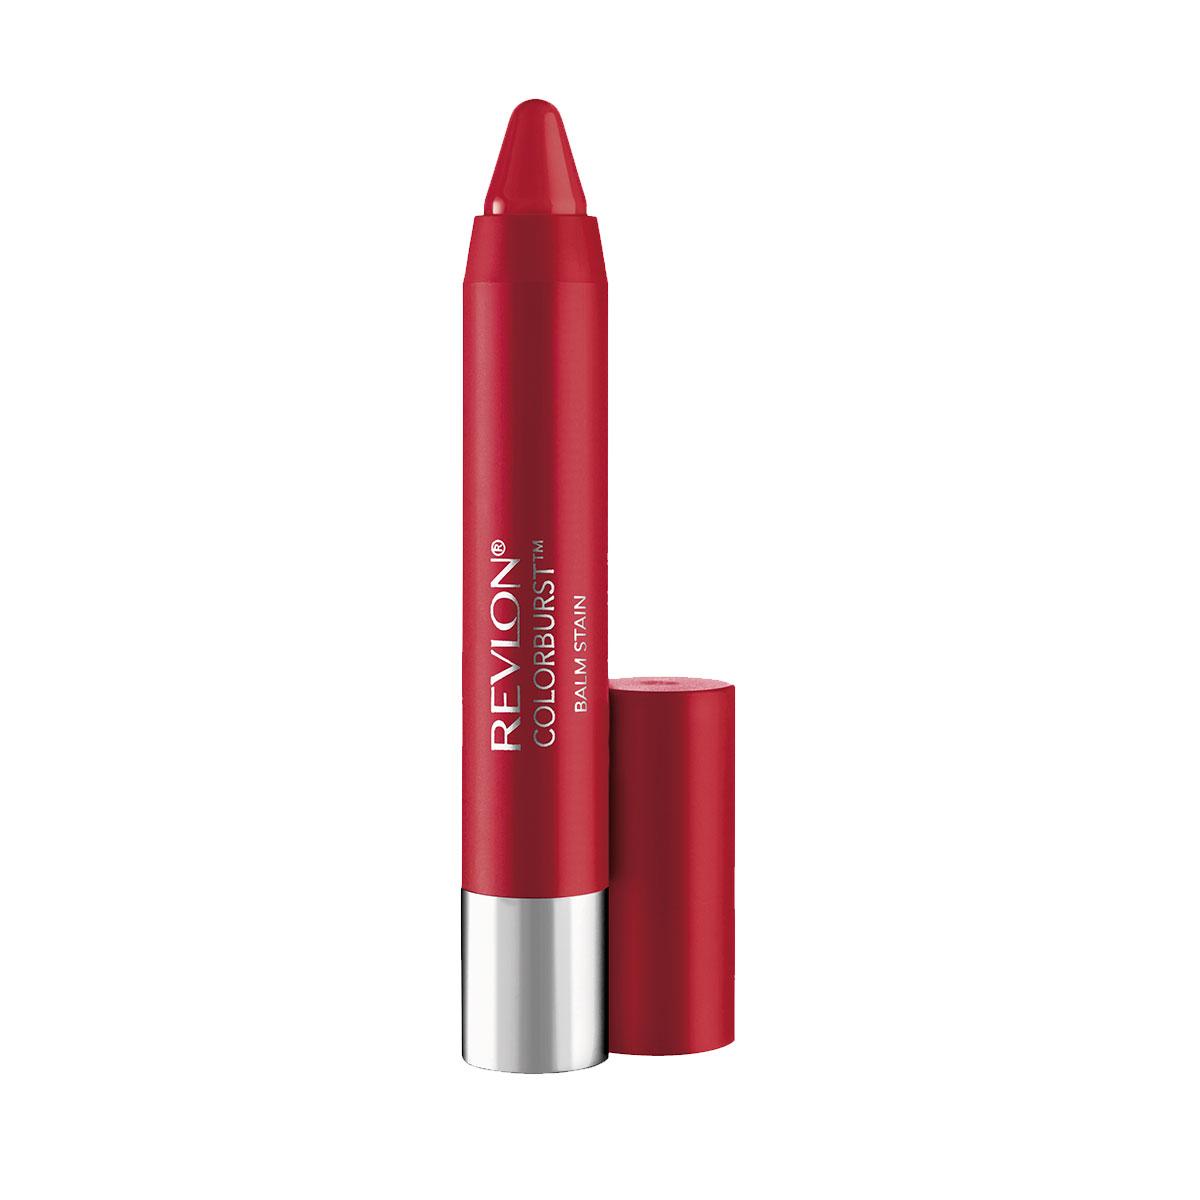 Revlon Бальзам для Губ Colorburst Balm Stain Romantic 045 17 г28032022Colorburst Balm Stain - бальзам для губ в форме карандаша. Атласный эффект. В формуле продукта присутствует перечная мята, которая дает легкий дренажный эффект.Аккуратно нанести на губы